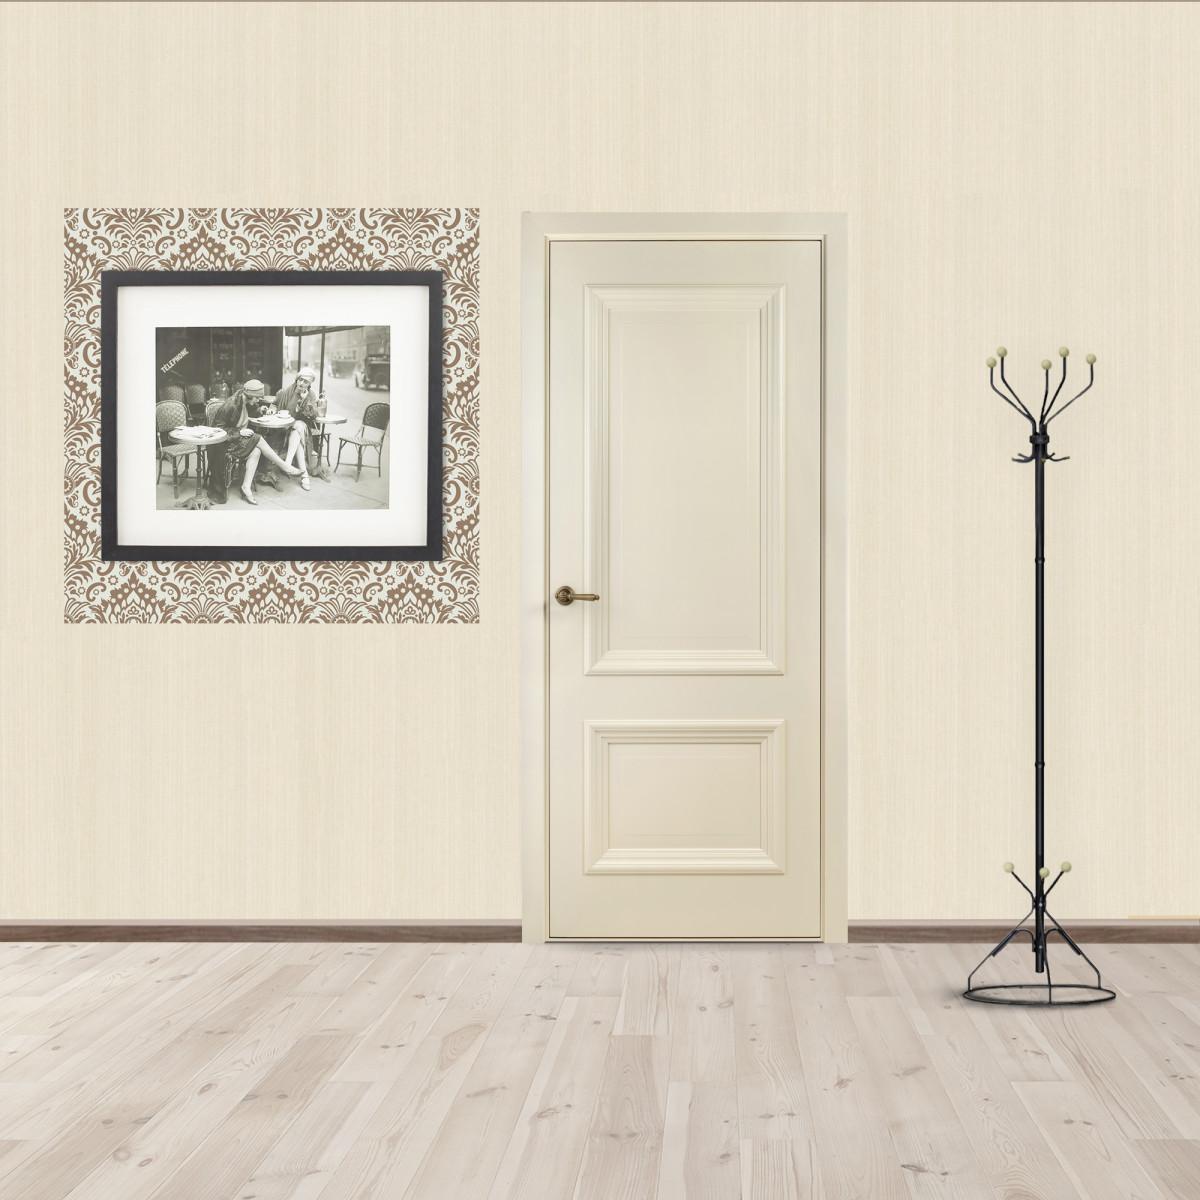 Дверь Межкомнатная Глухая Франческа 60x200 Эмаль Цвет Слоновая Кость